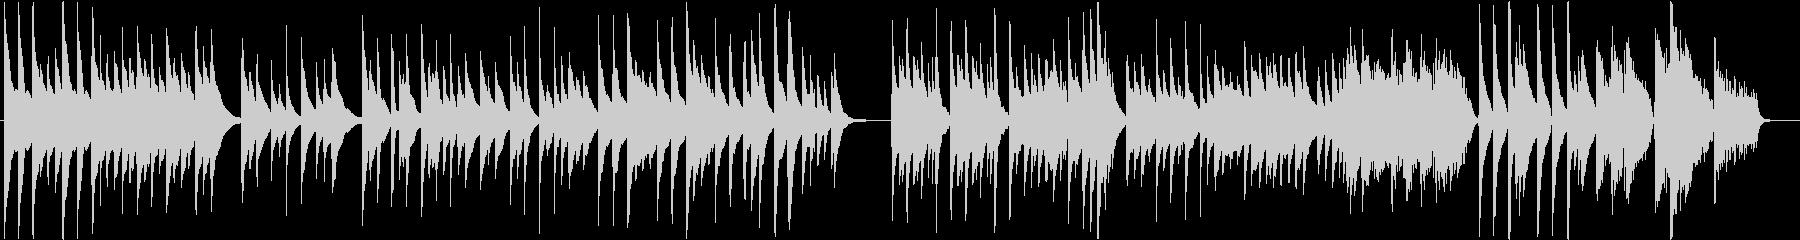 箏(琴)ソロ「さくらさくら」後半変奏付きの未再生の波形